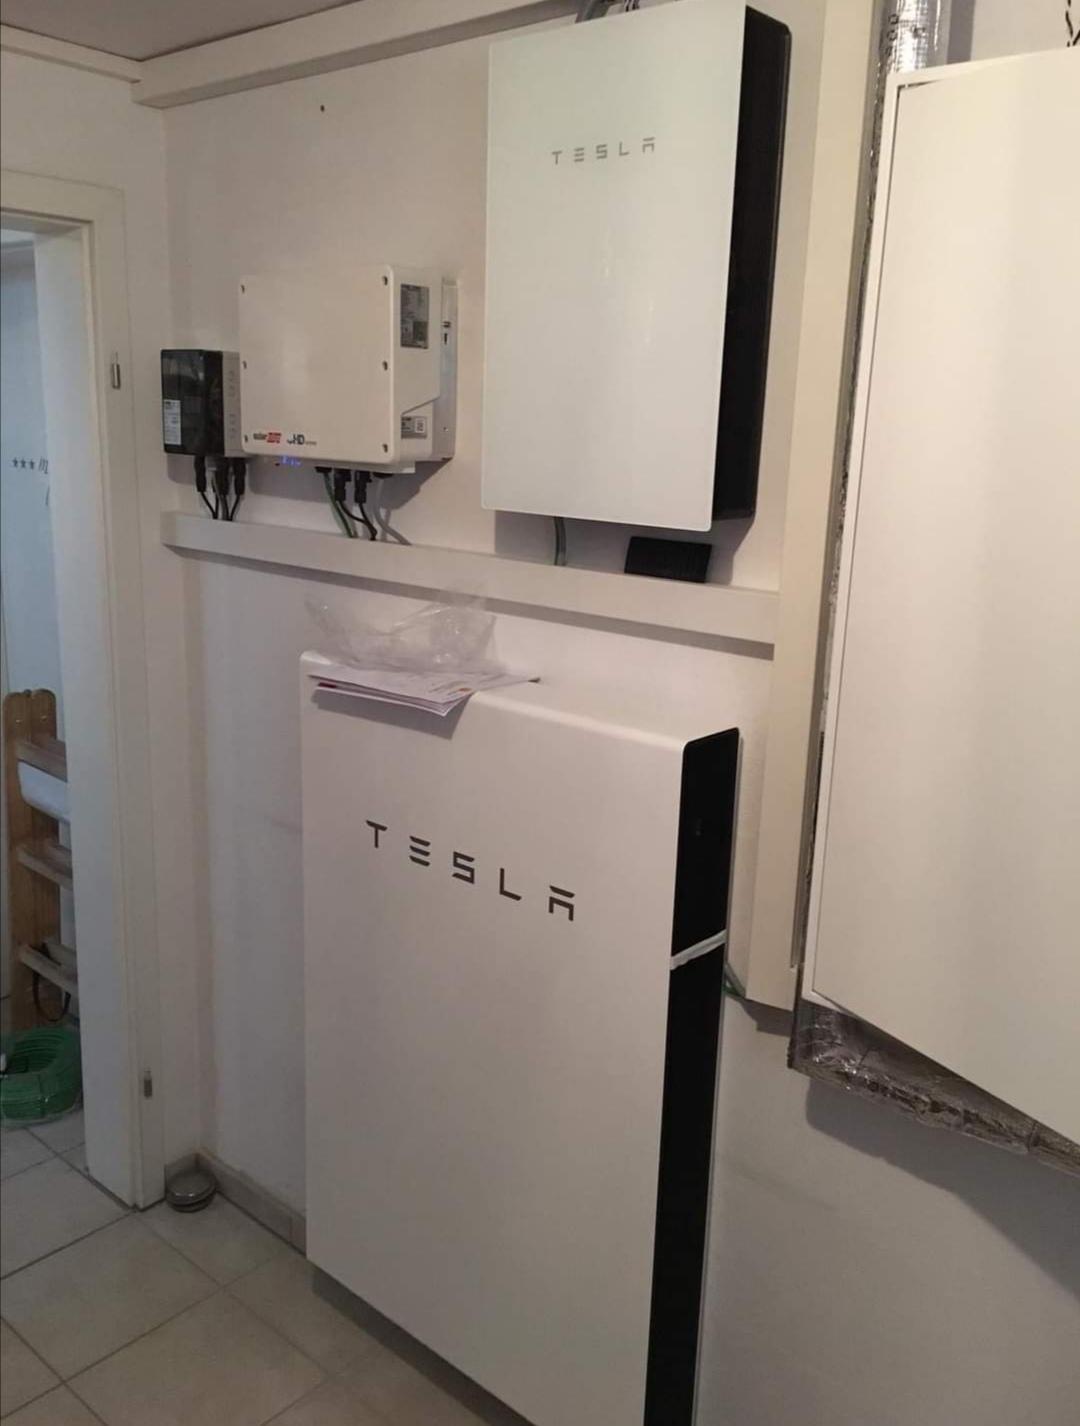 Installateur für TESLA Speicher und SunPower-Maxeon Solar